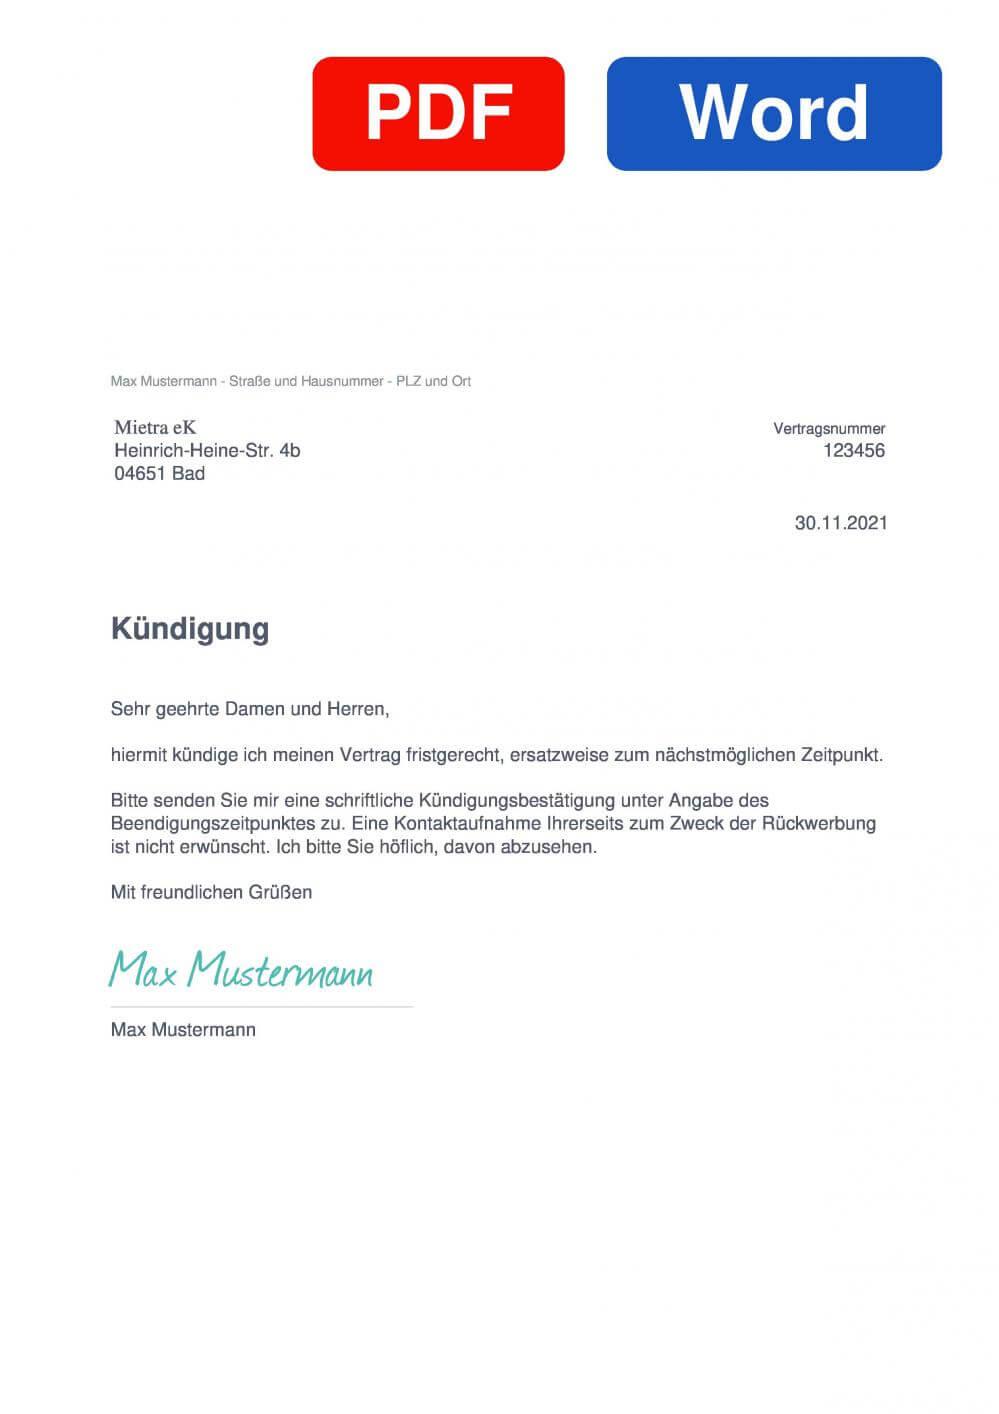 Mietra Muster Vorlage für Kündigungsschreiben